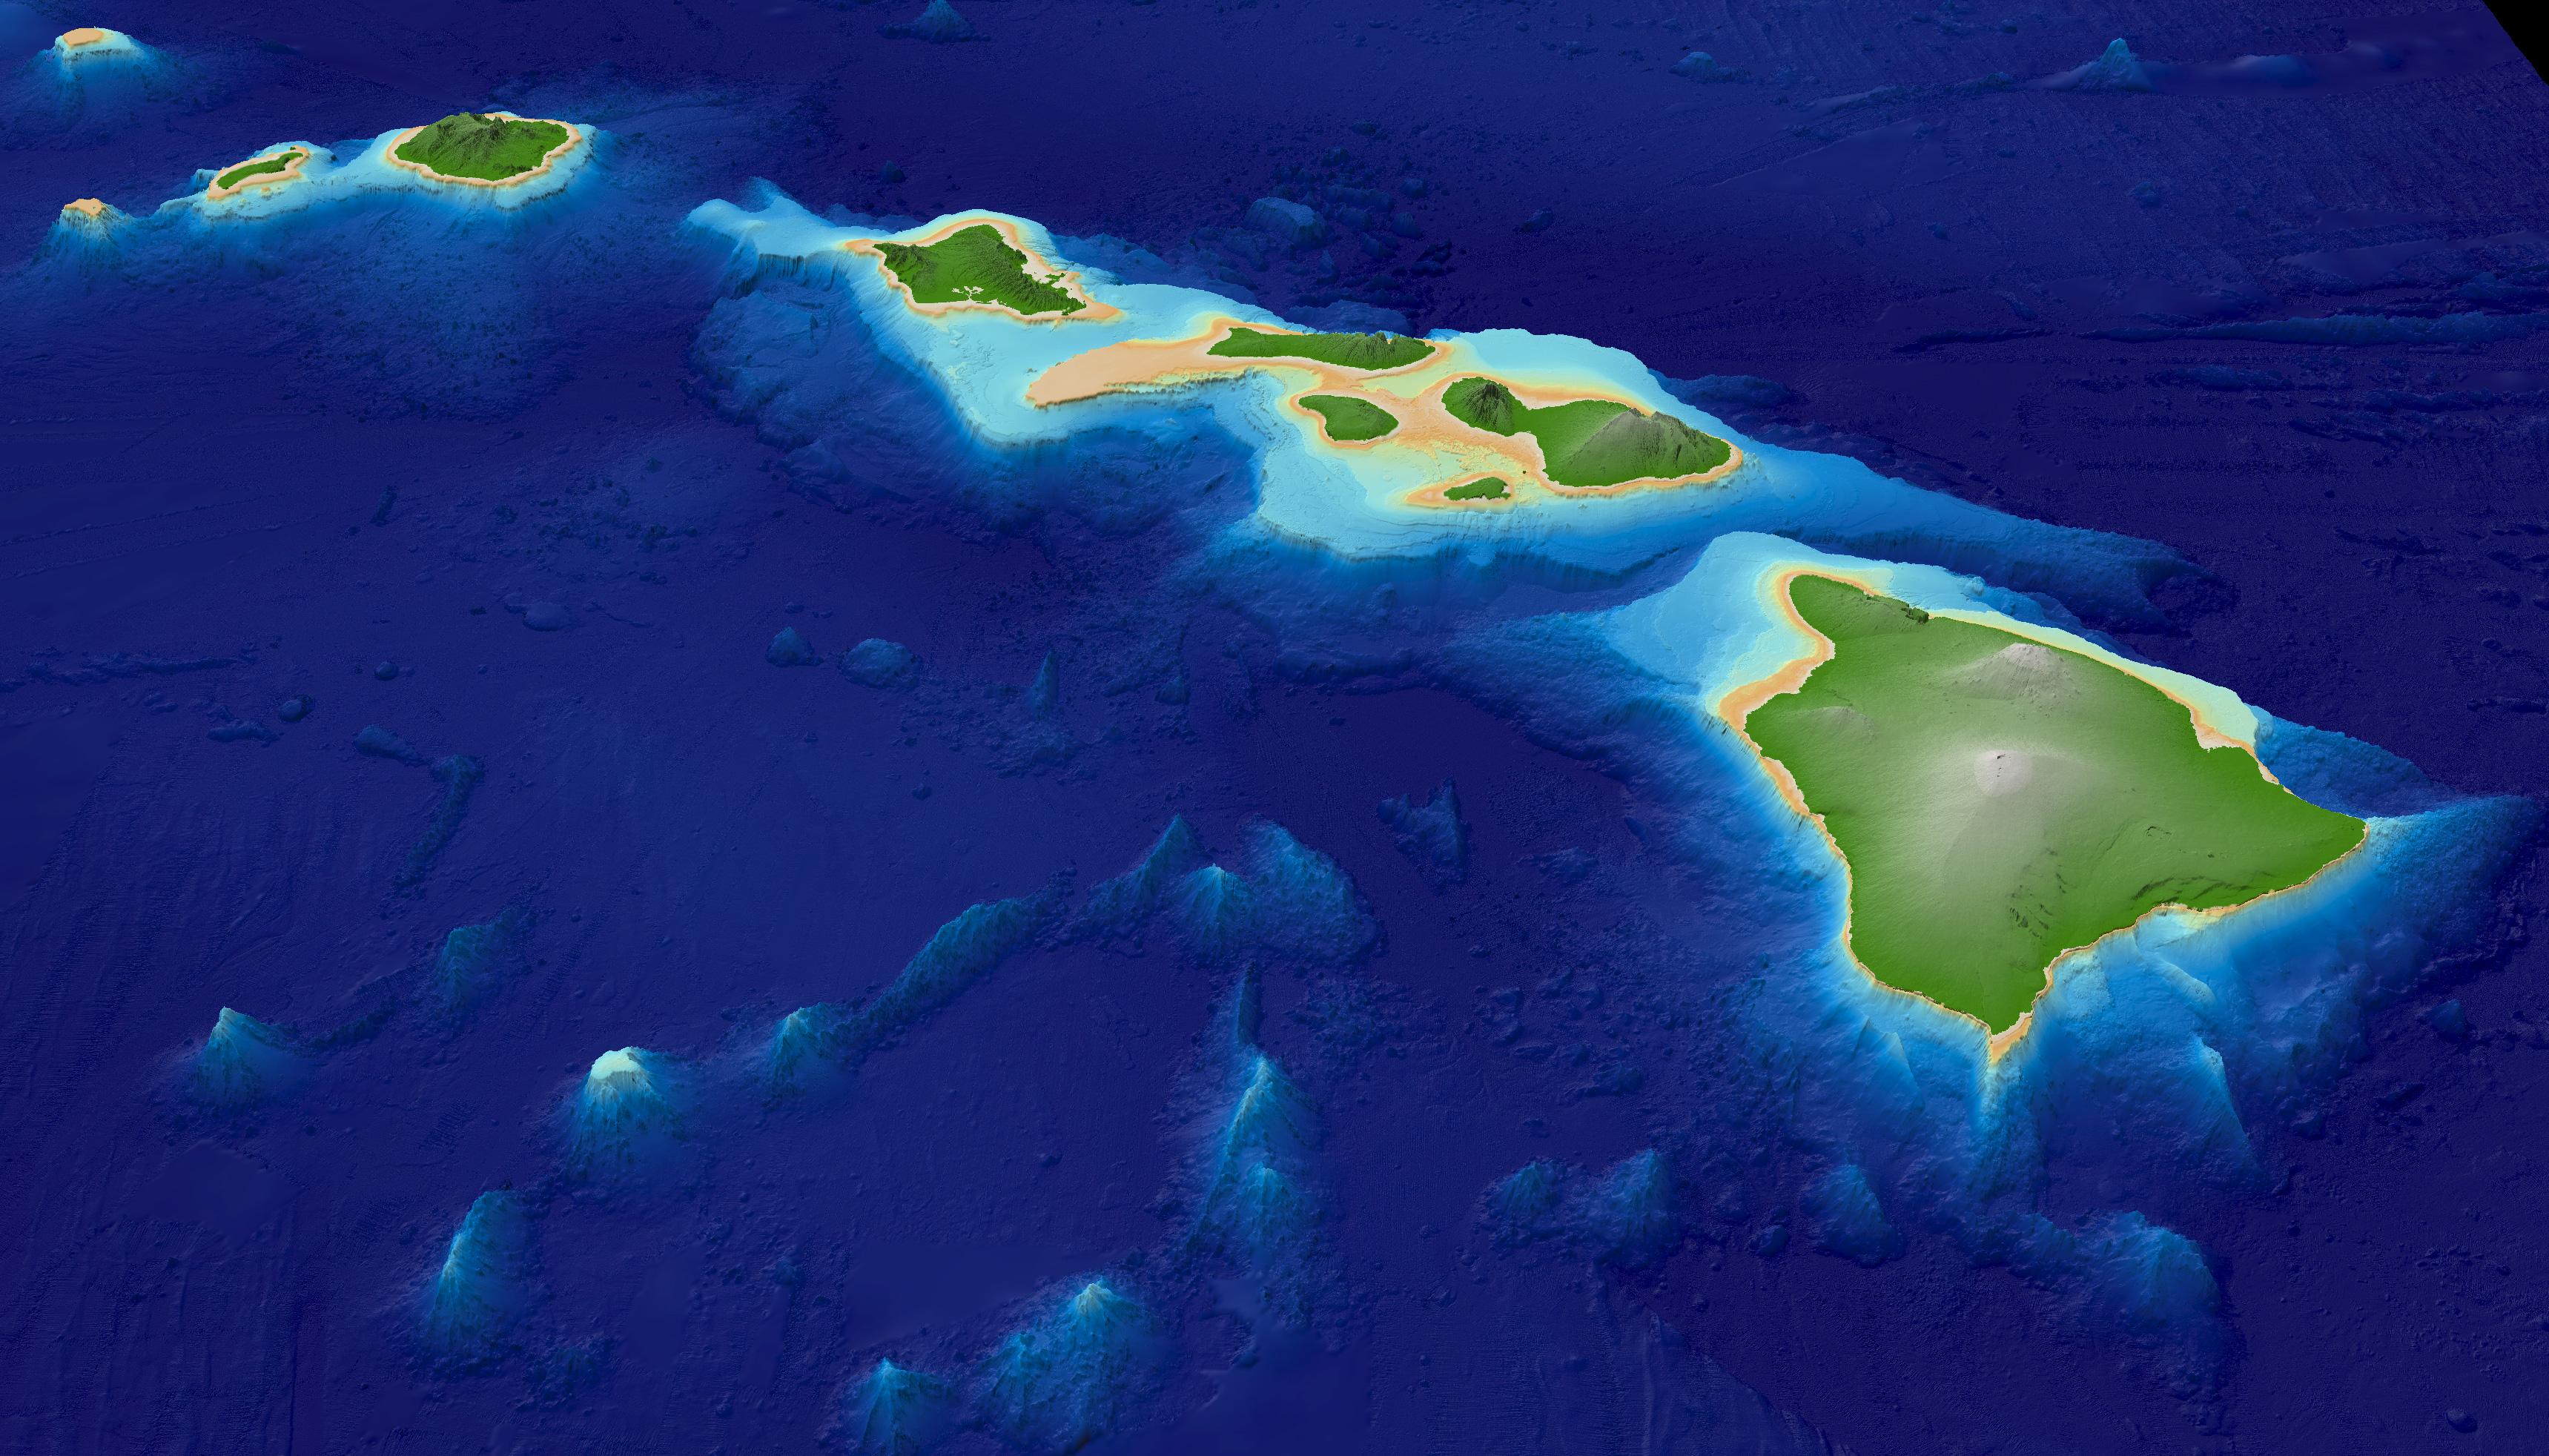 hawaiian island wallpapers hawaiian island wallpapers hawaiian island 3438x1964